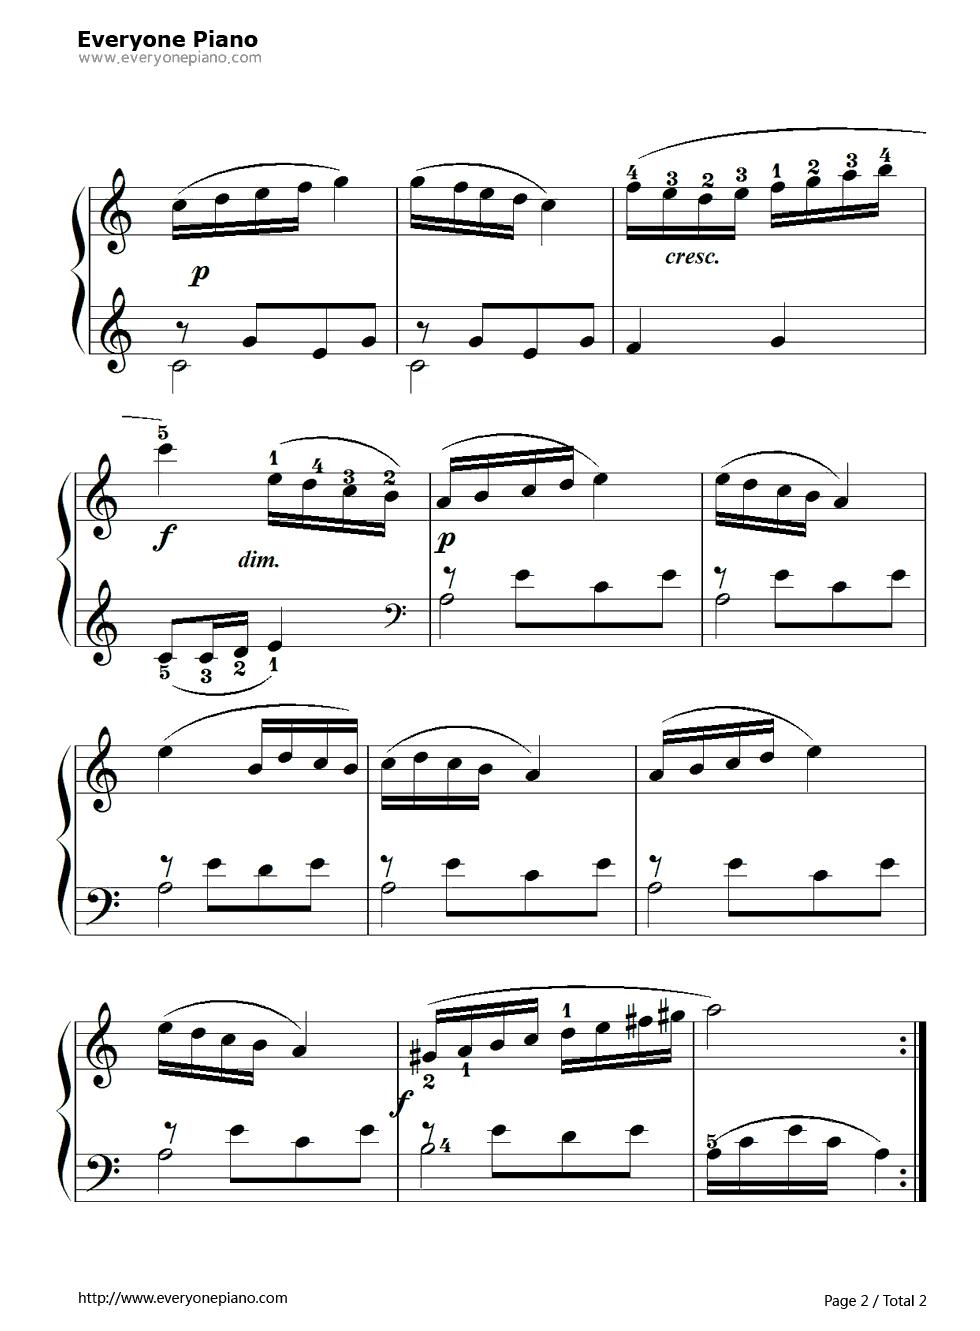 钢琴曲谱 练习曲 孩子们的拜厄91 孩子们的拜厄91五线谱预览2  }图片